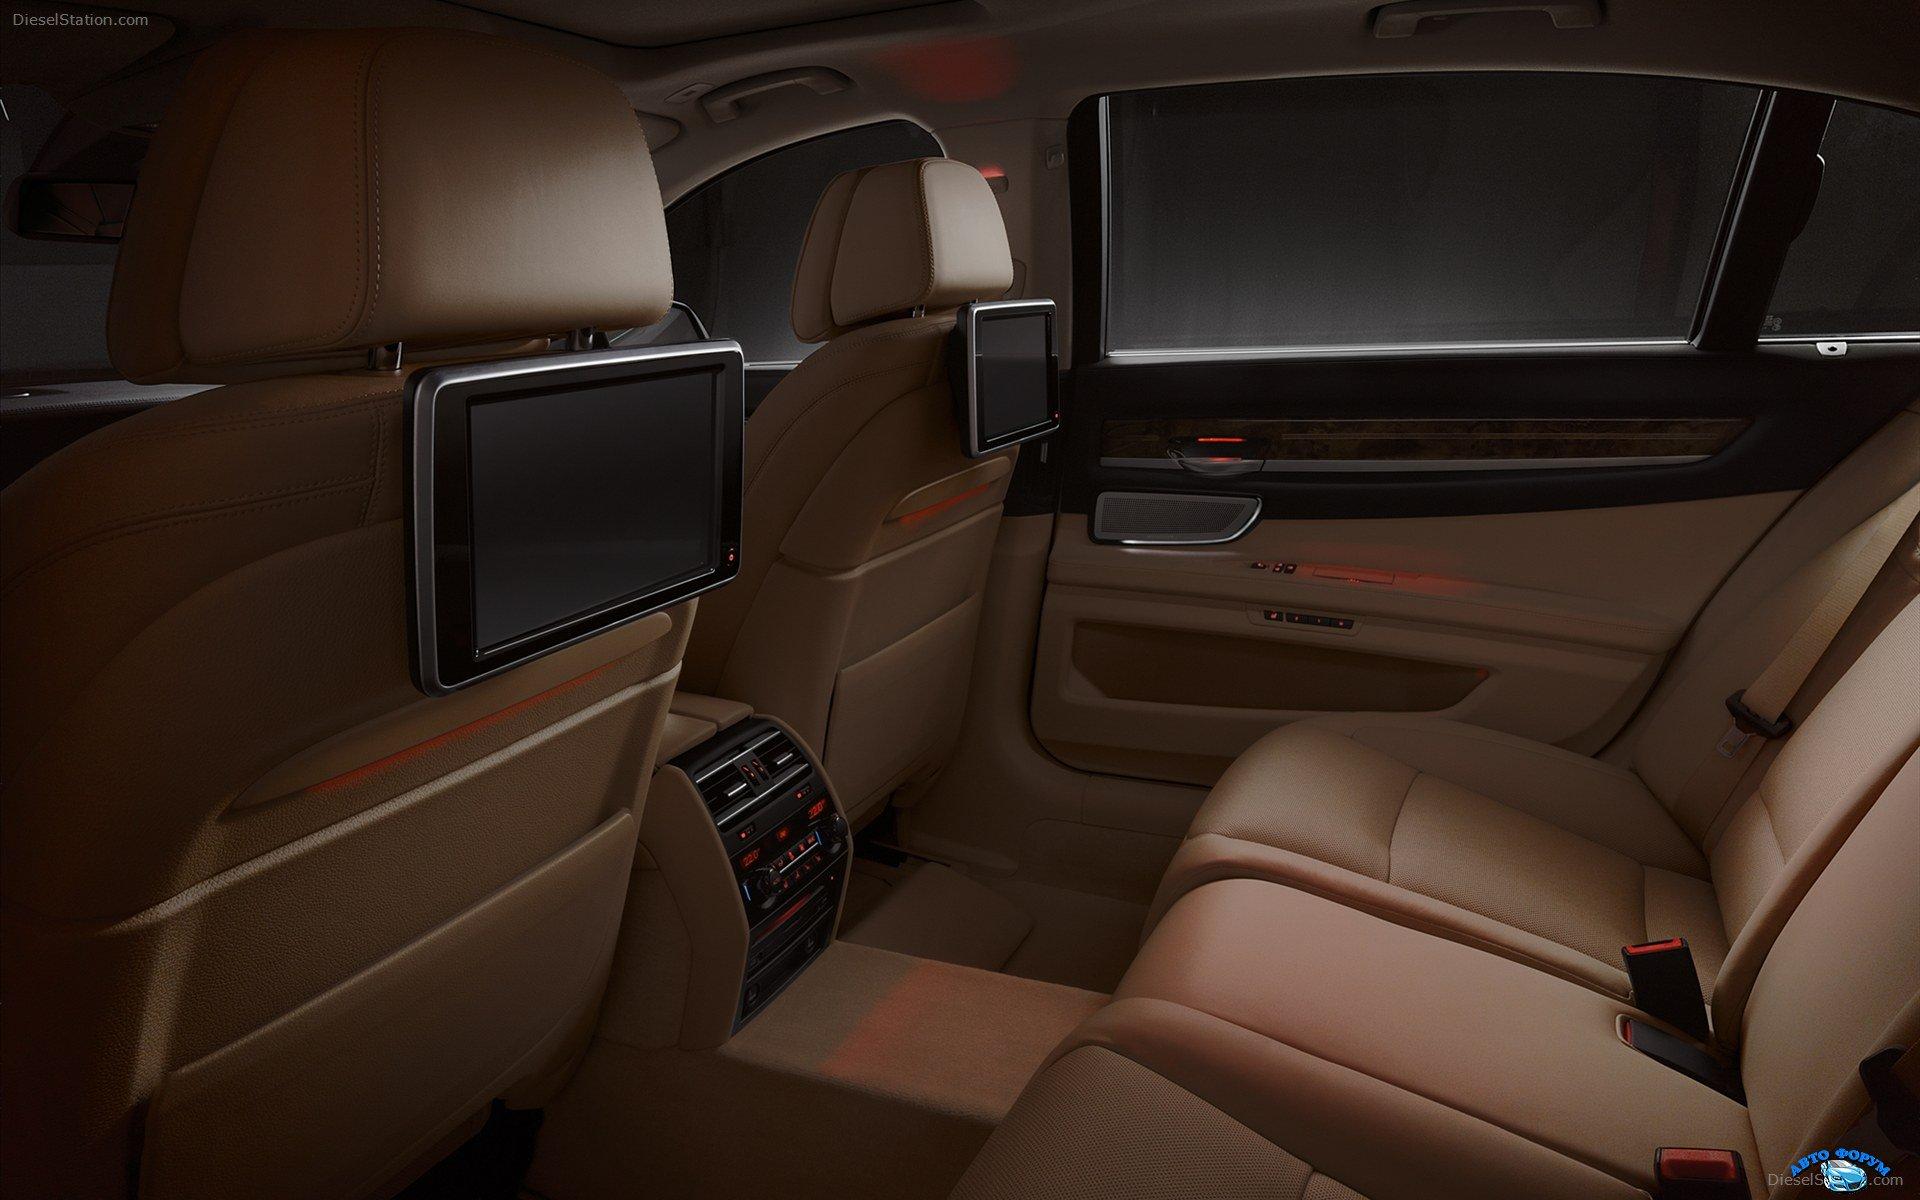 BMW-7-Series-2013-widescreen-20.jpg